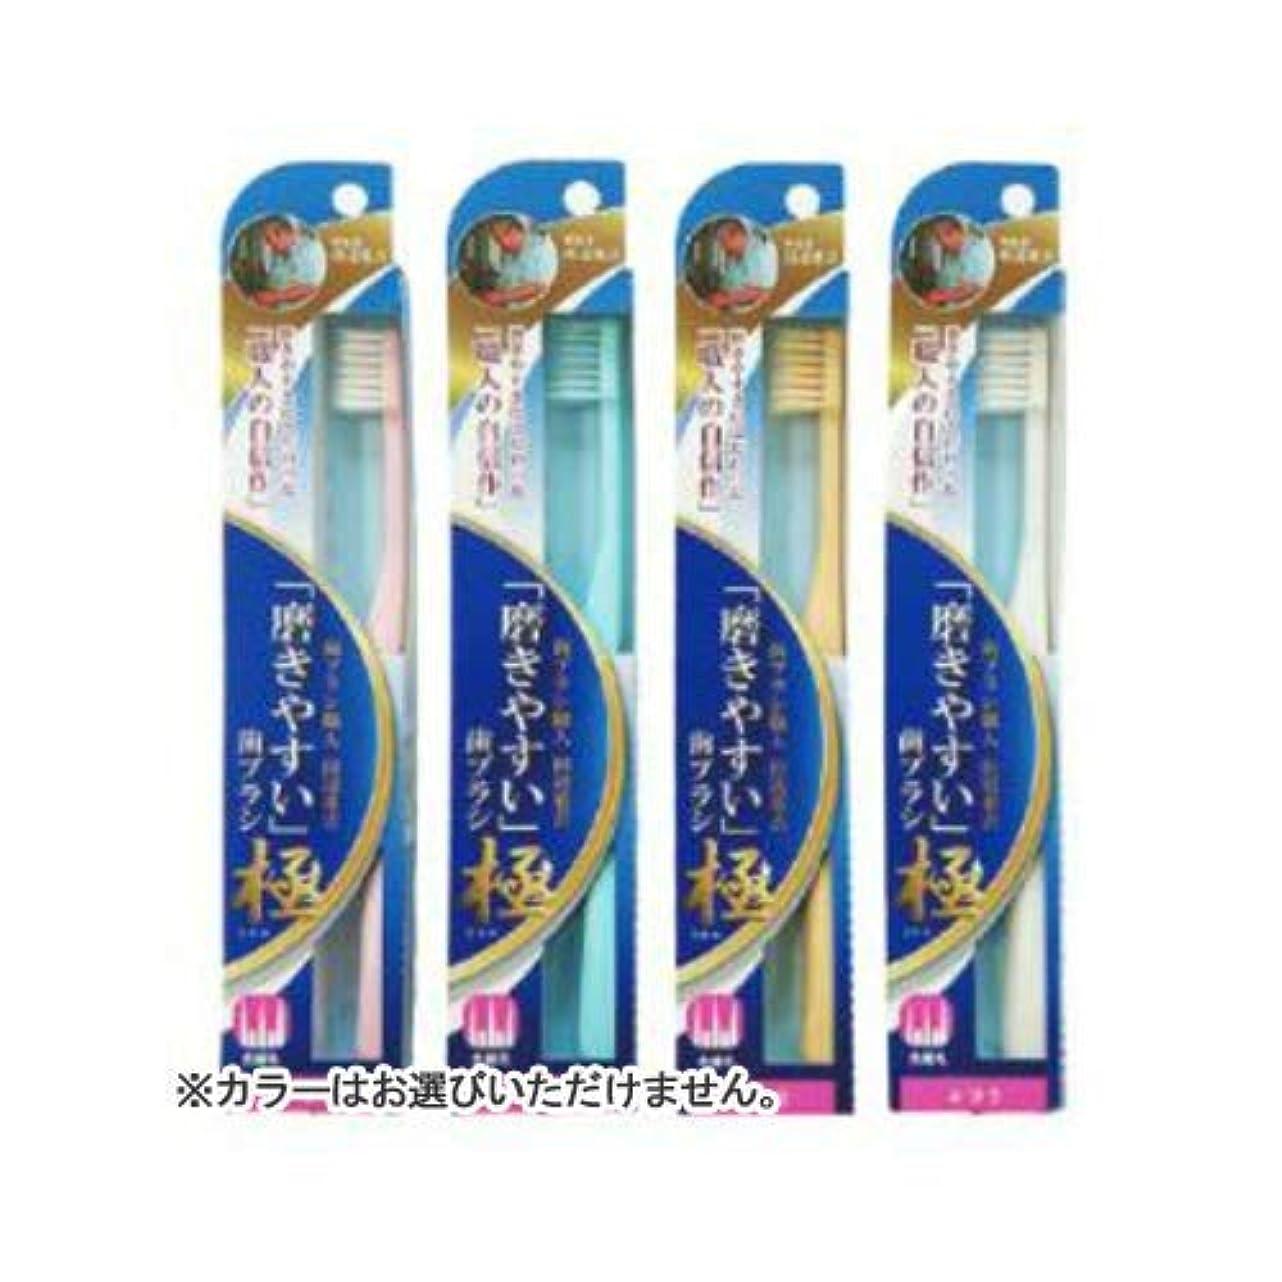 発表する意図するつらいLT-44磨きやすい歯ブラシ極 ふつう × 240個セット